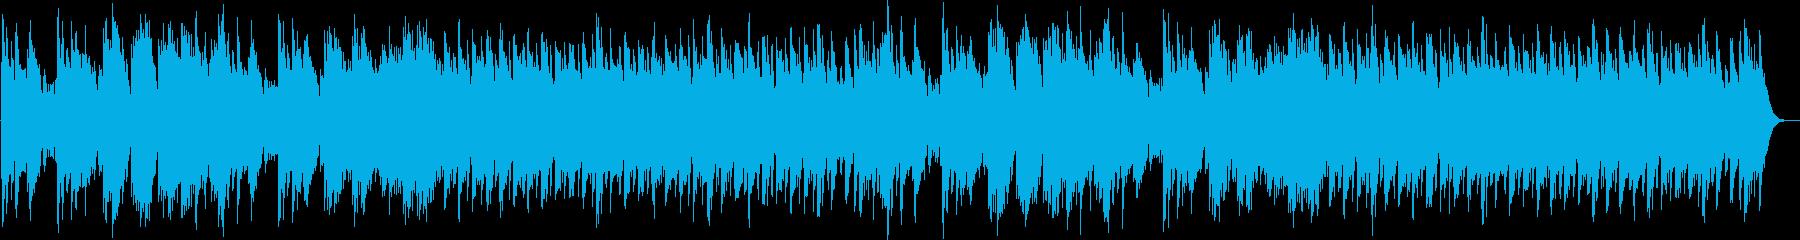 花のワルツ/チャイコフスキーの再生済みの波形